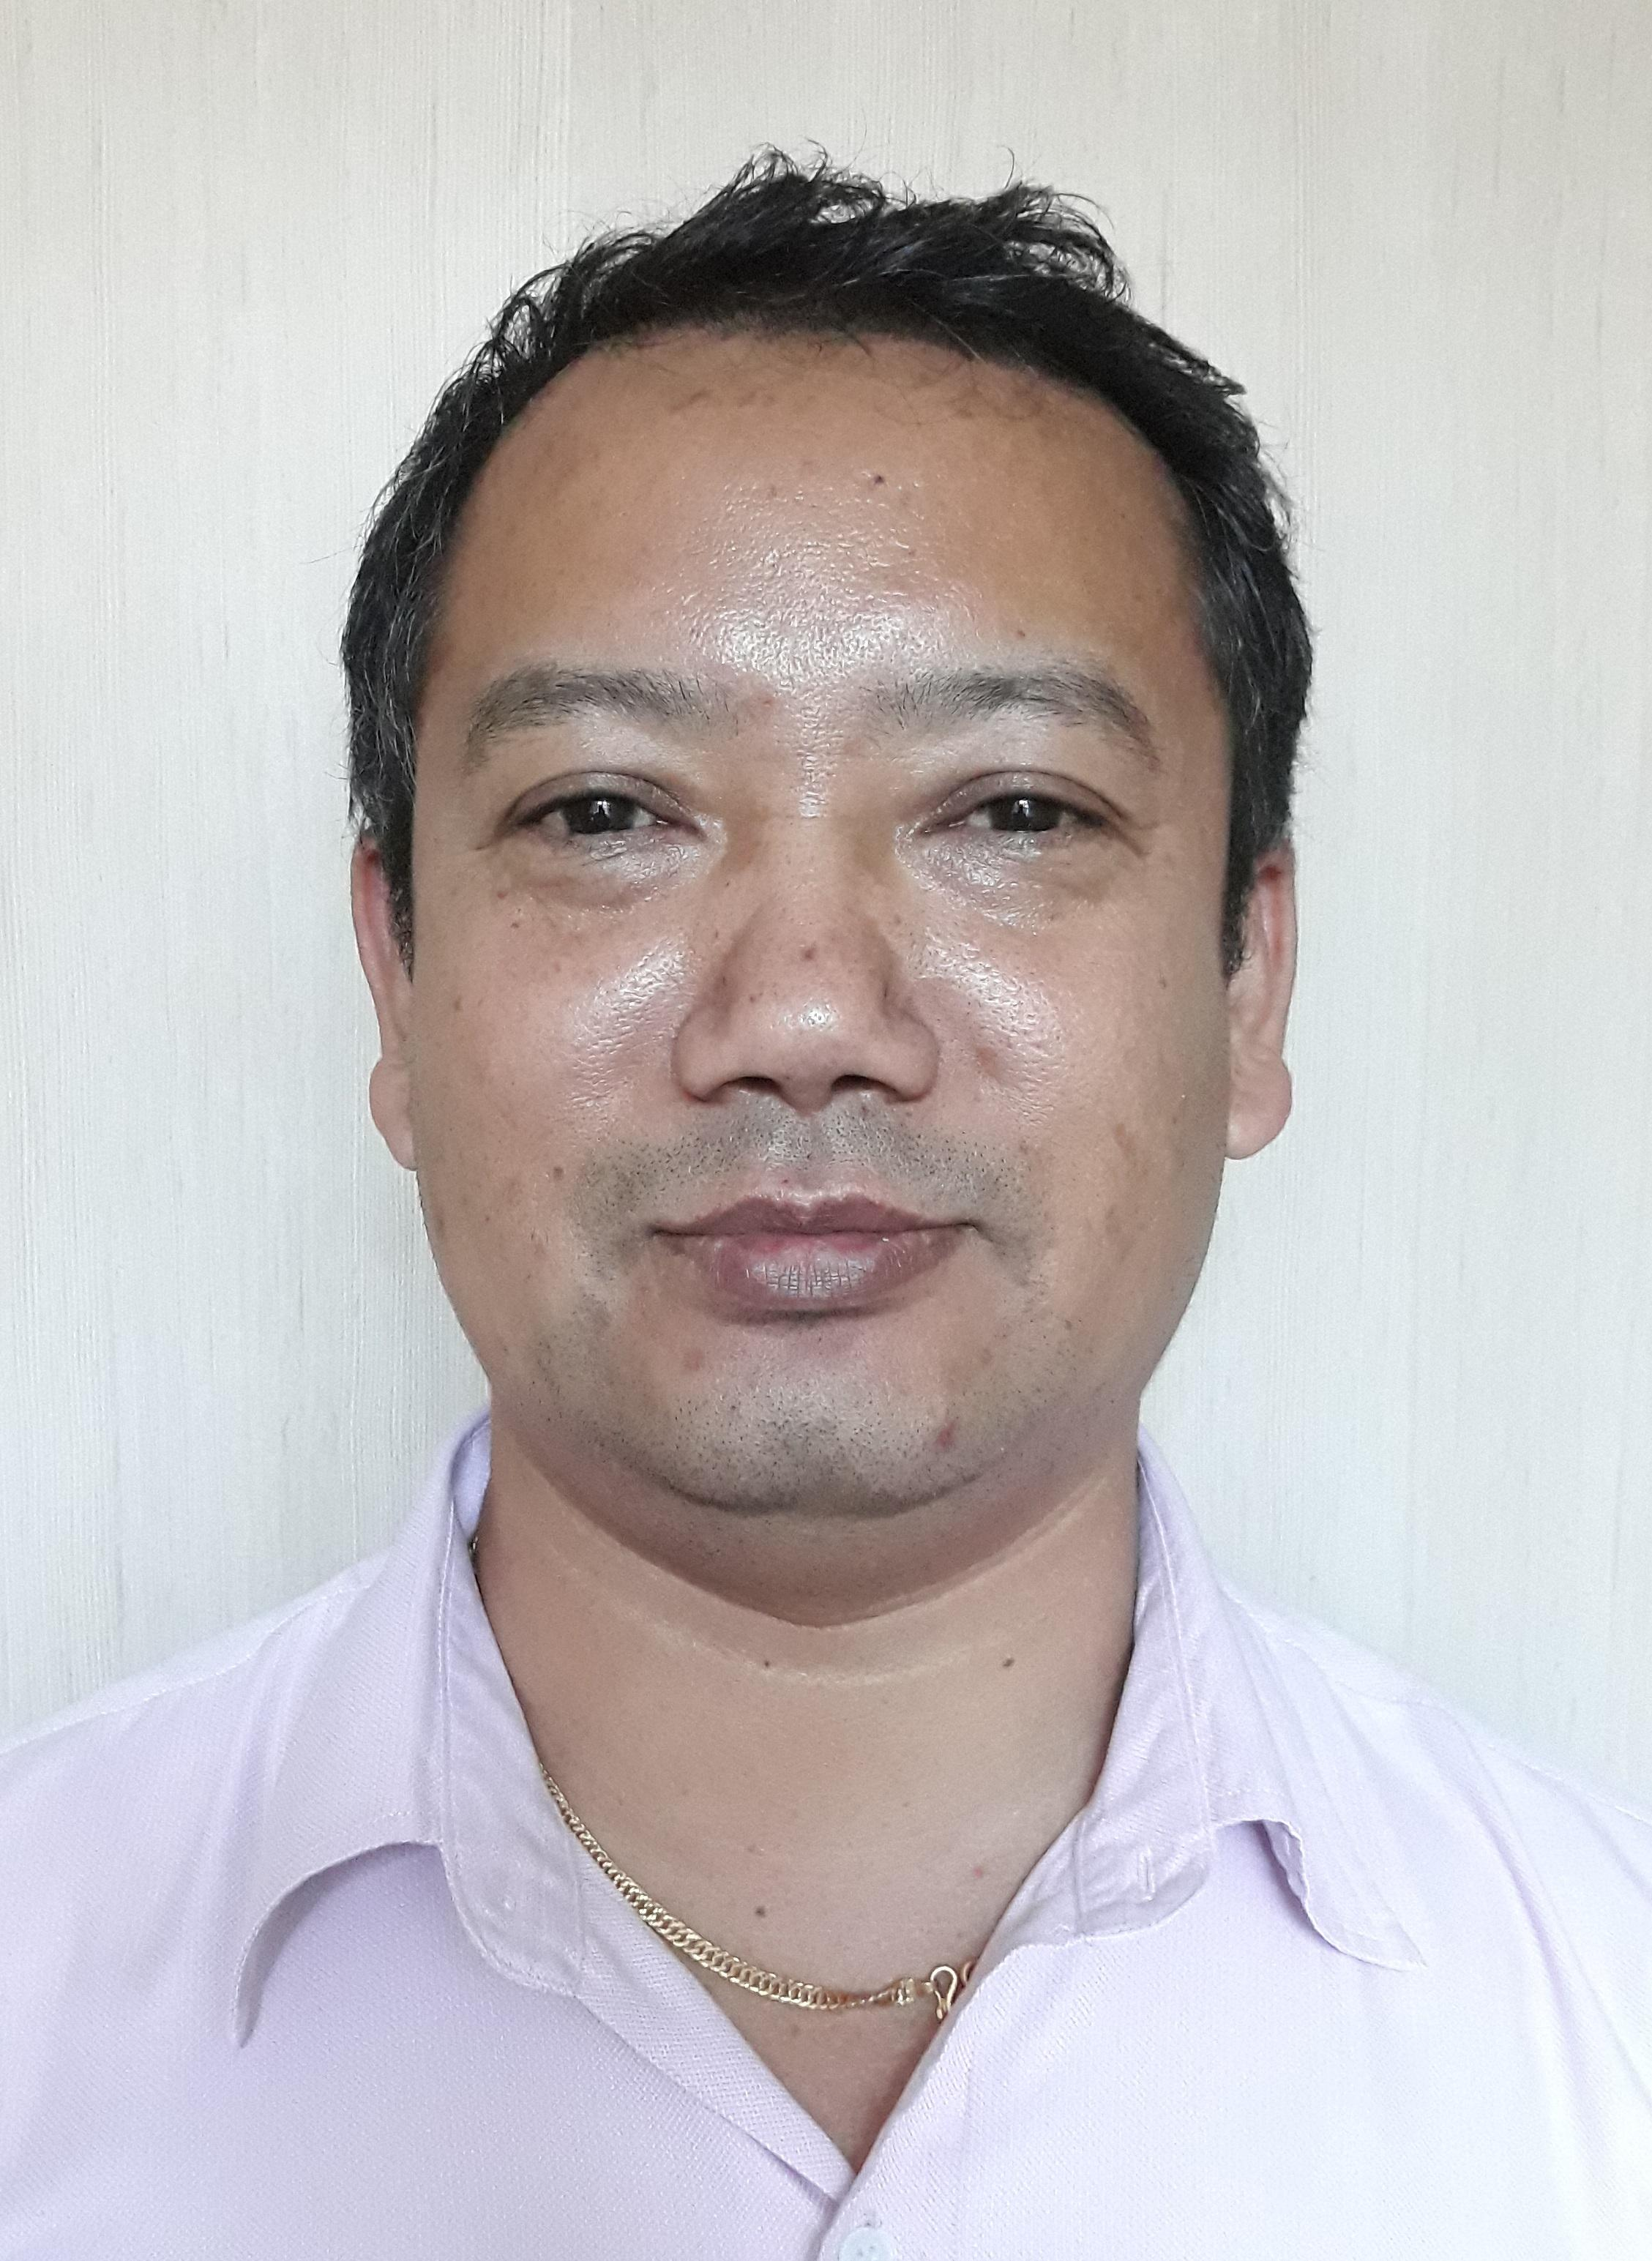 Bhim Lal Shrestha